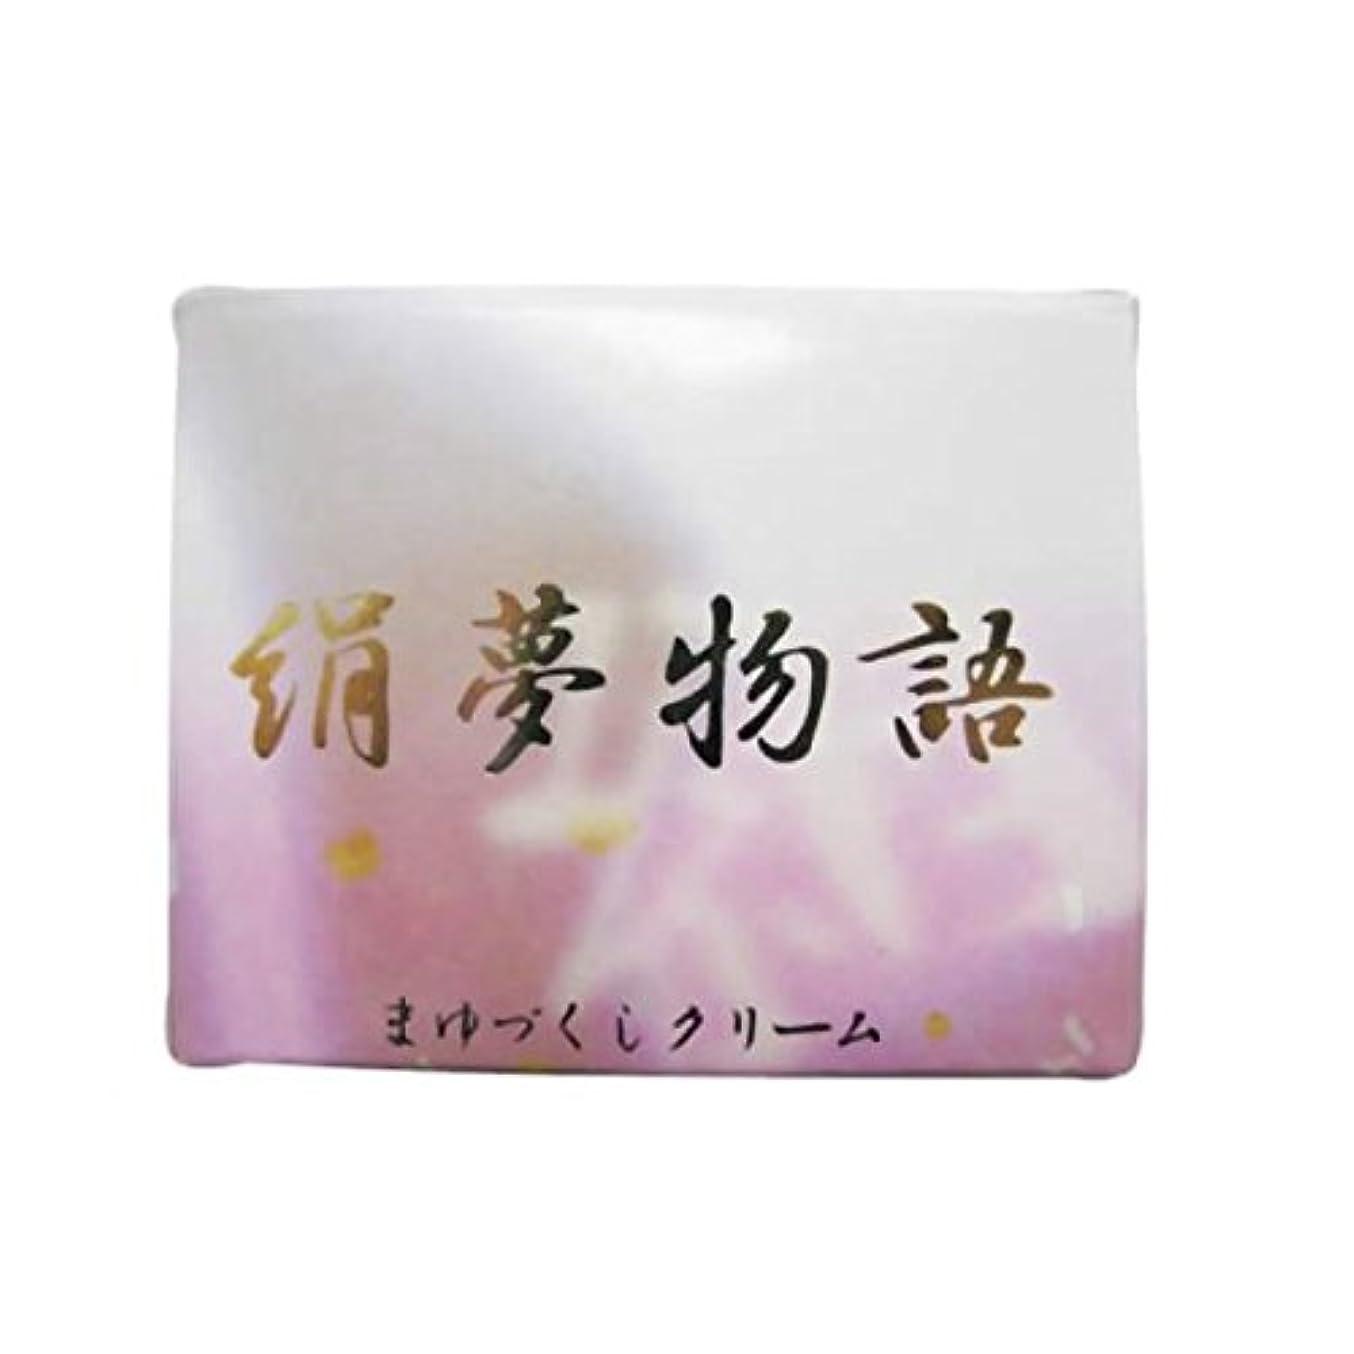 日記お願いします必要とする【お徳用 2 セット】 絹夢物語 まゆづくしクリーム 35g×2セット